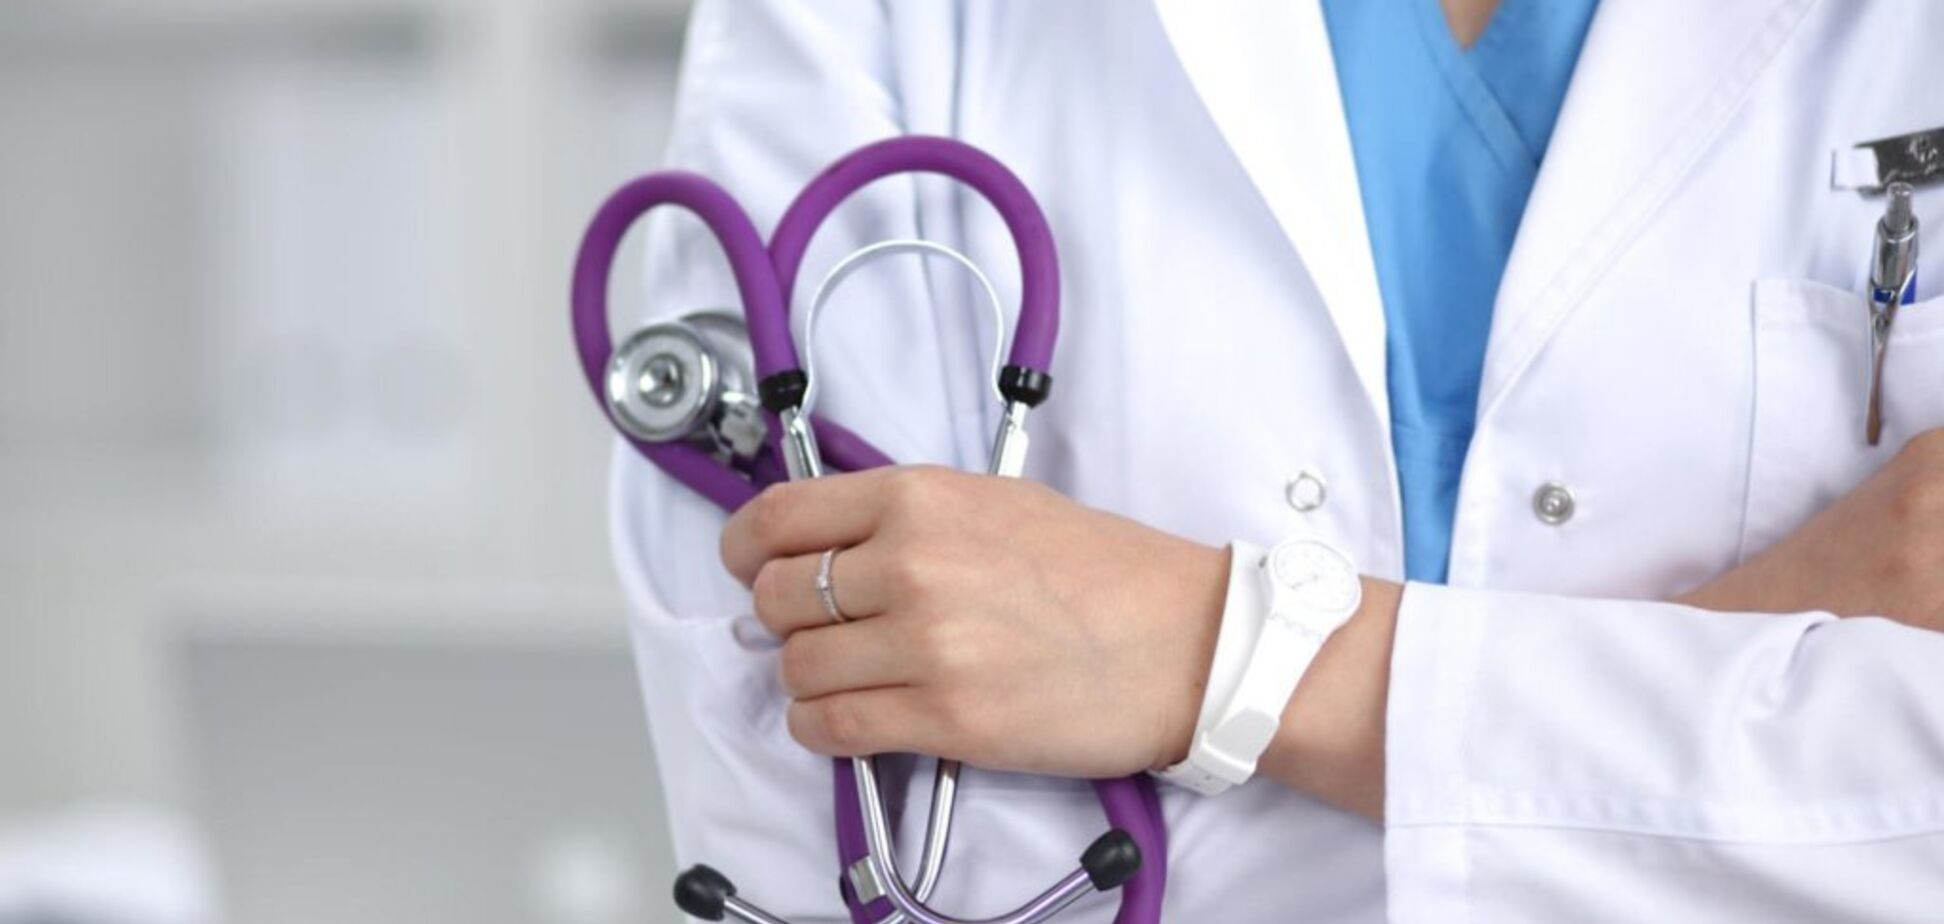 В Україні запускають програму безкоштовних медпослуг: що отримаємо